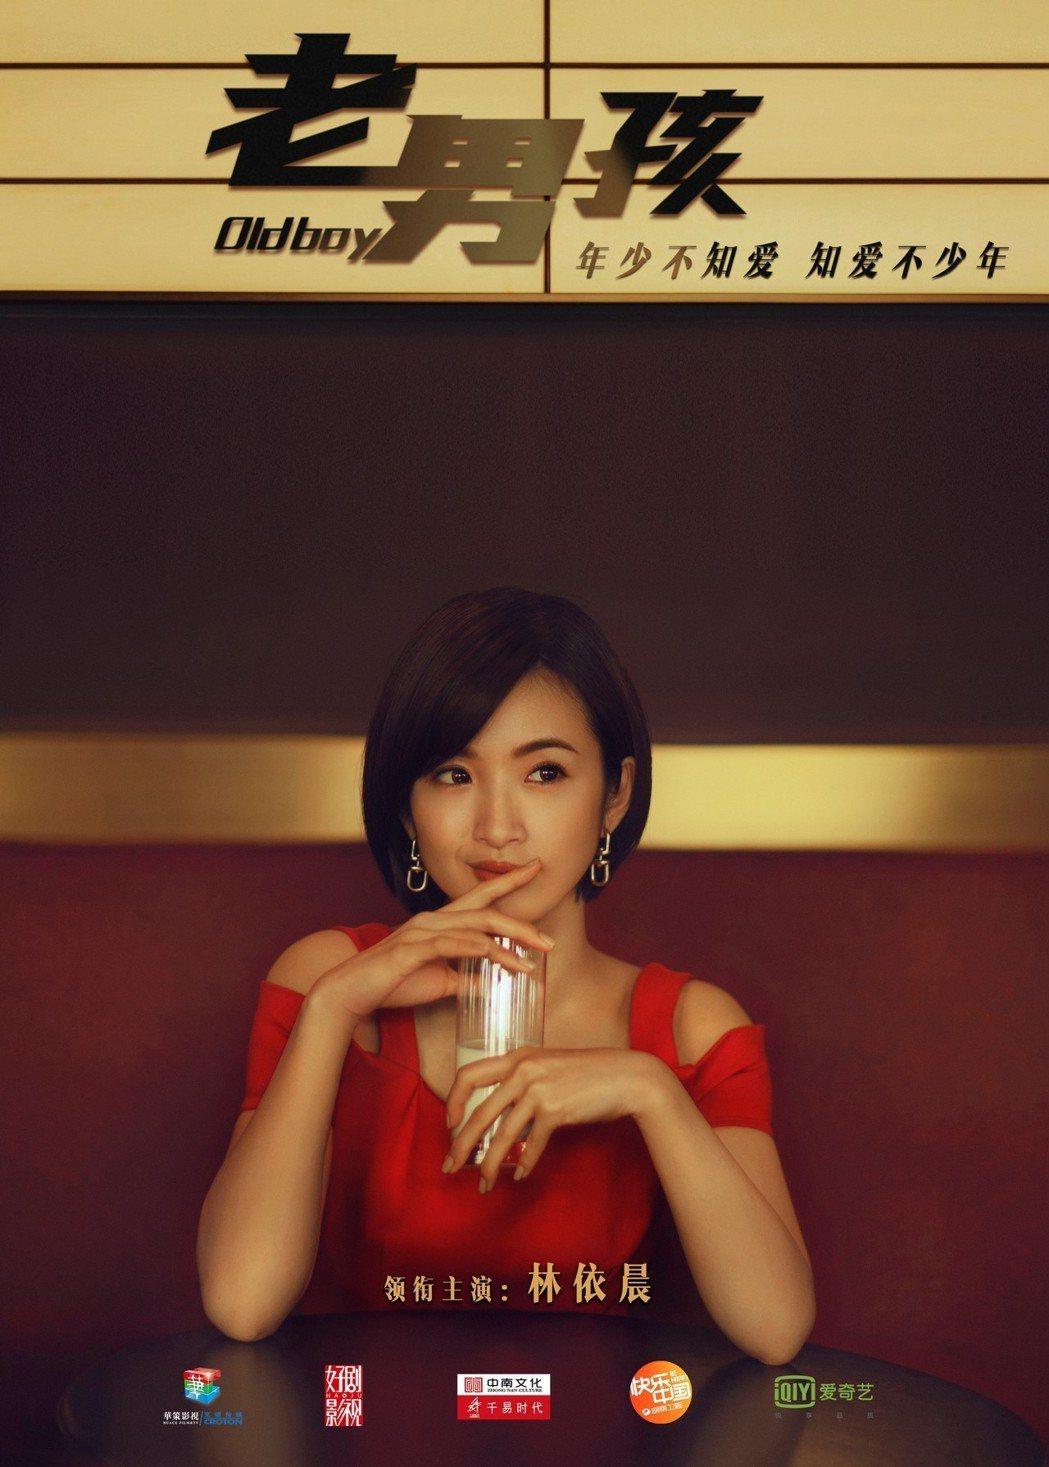 林依晨以俐落短髮演出「老男孩」。圖/周子娛樂提供